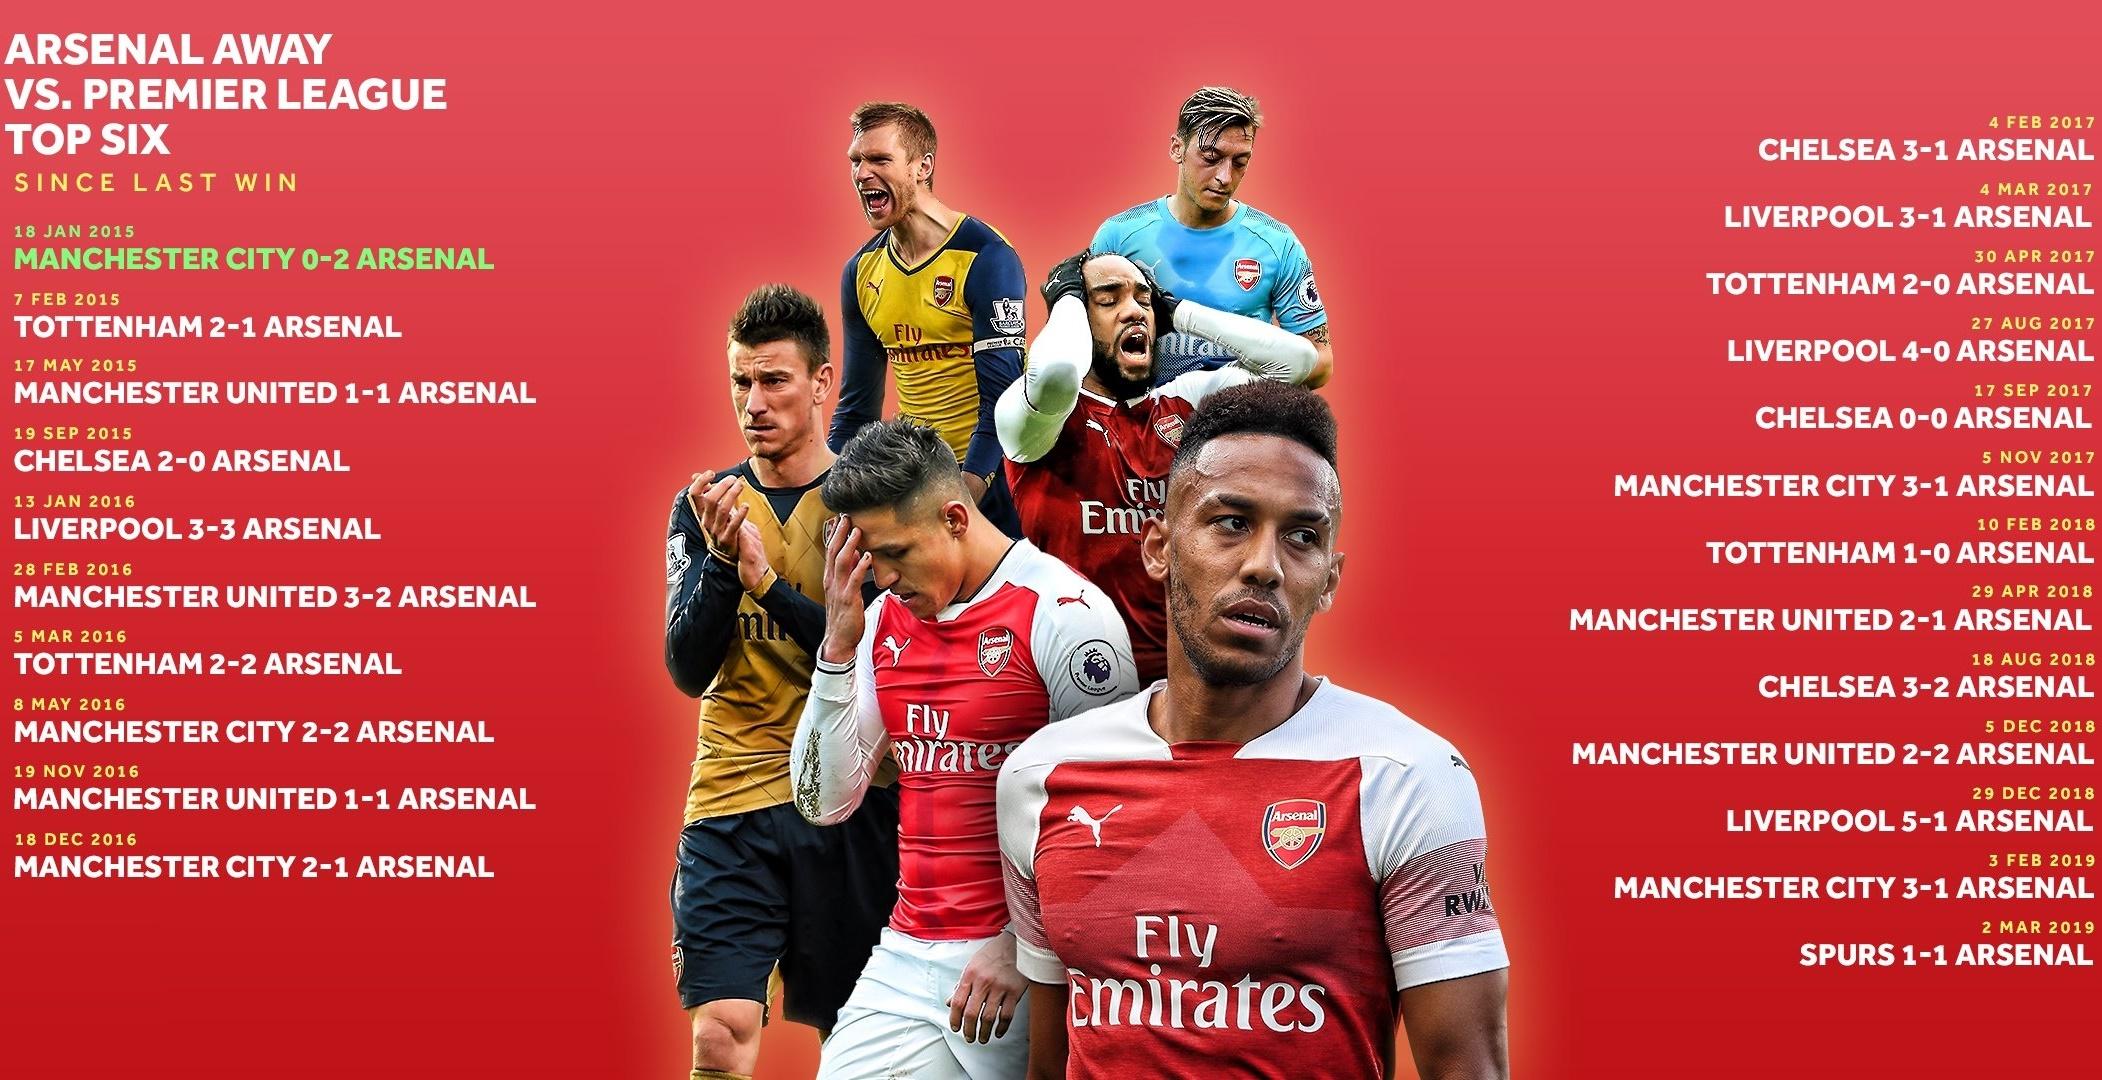 Kinh hoàng! Arsenal đã trải qua gần 4 năm, 22 trận kinh hoàng với Big Six - Bóng Đá